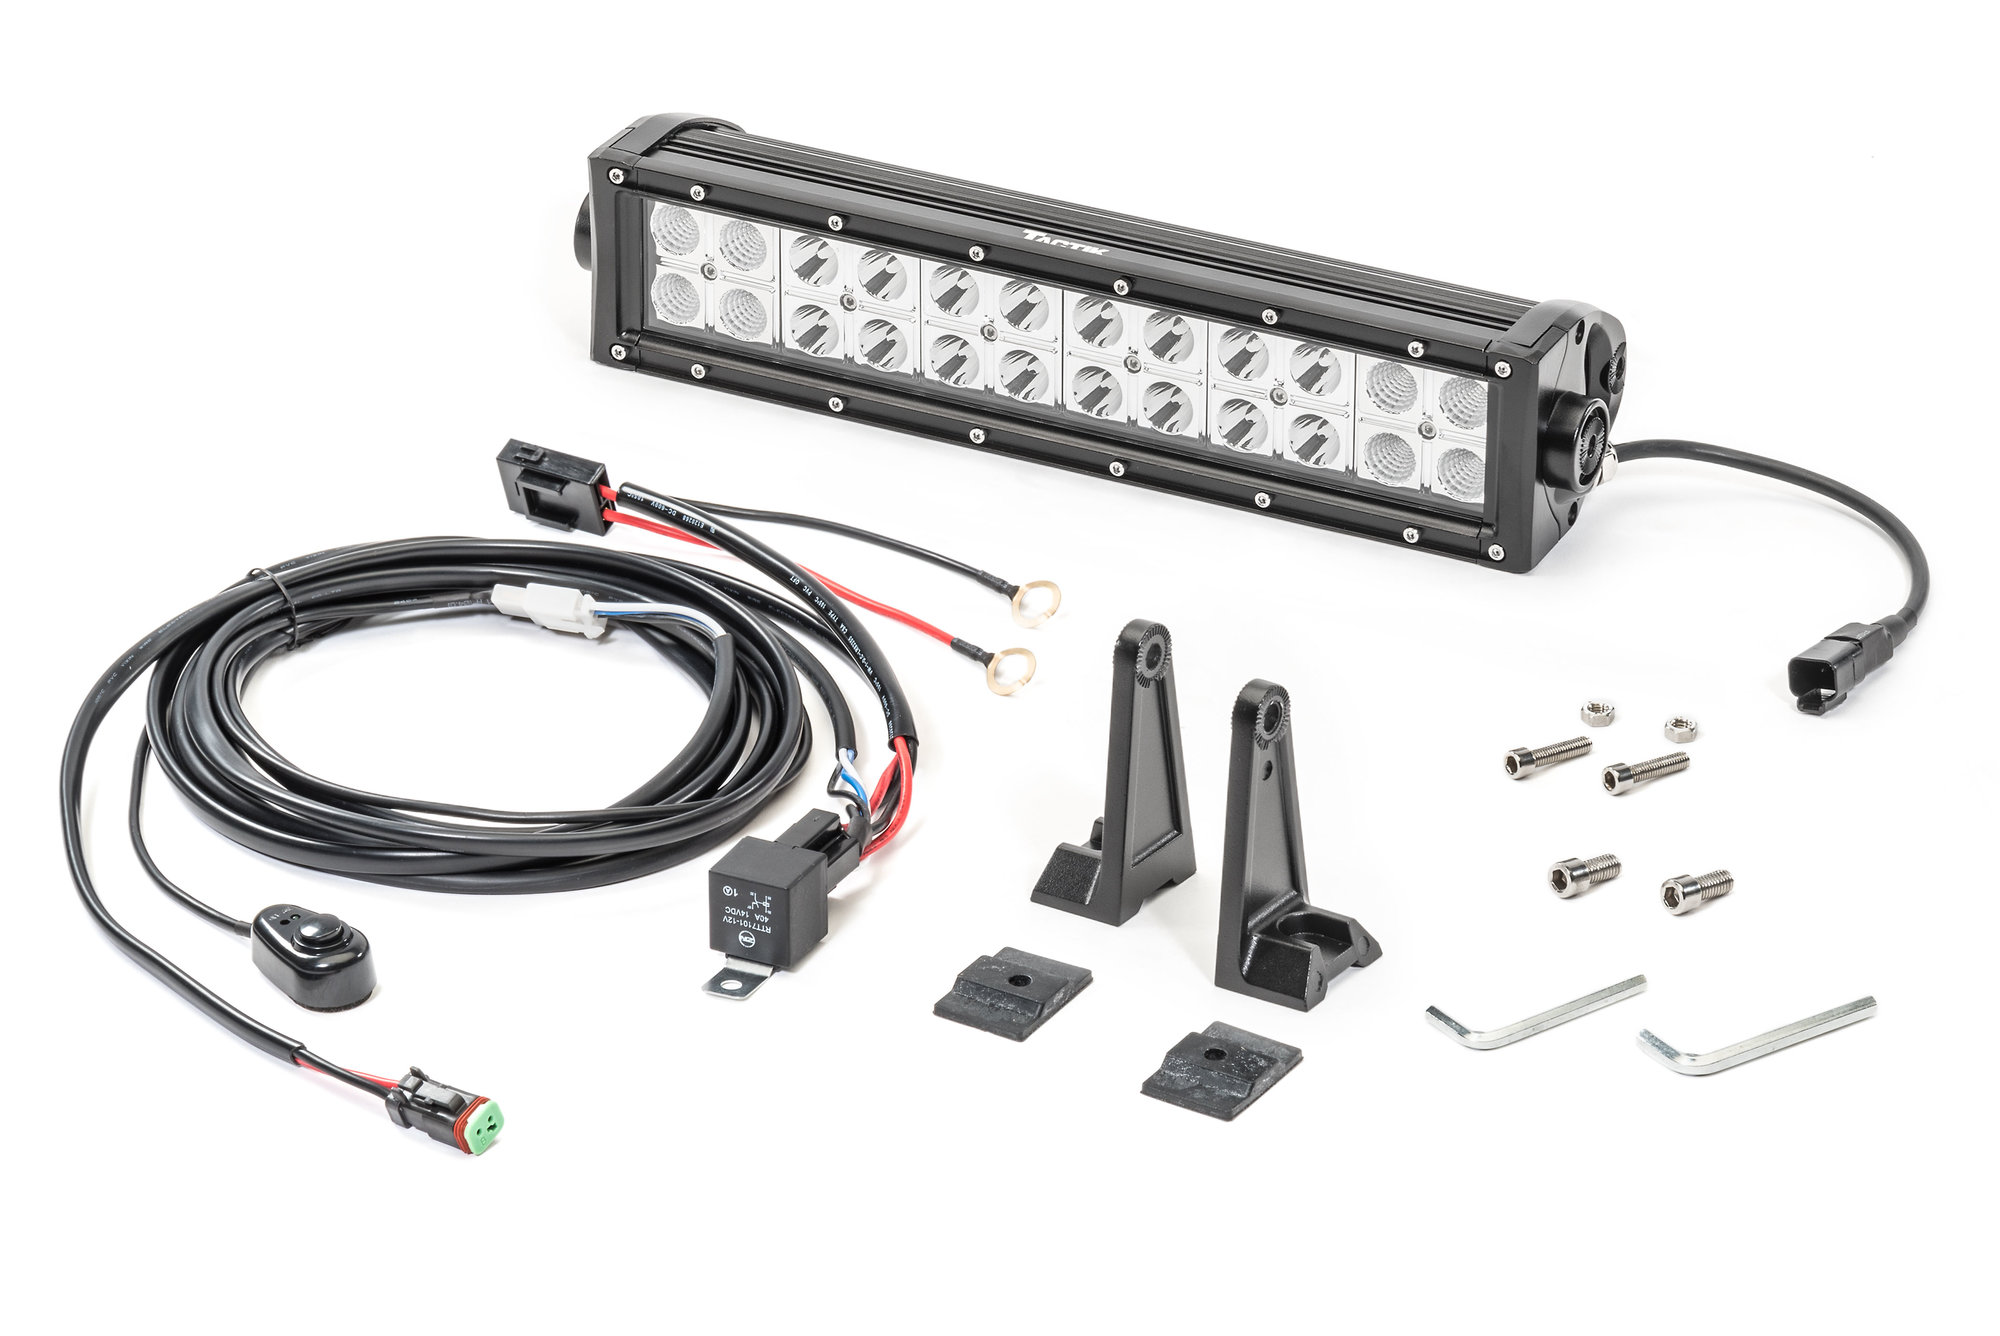 Tactik Jt C 72w 13 5 Led Light Bar